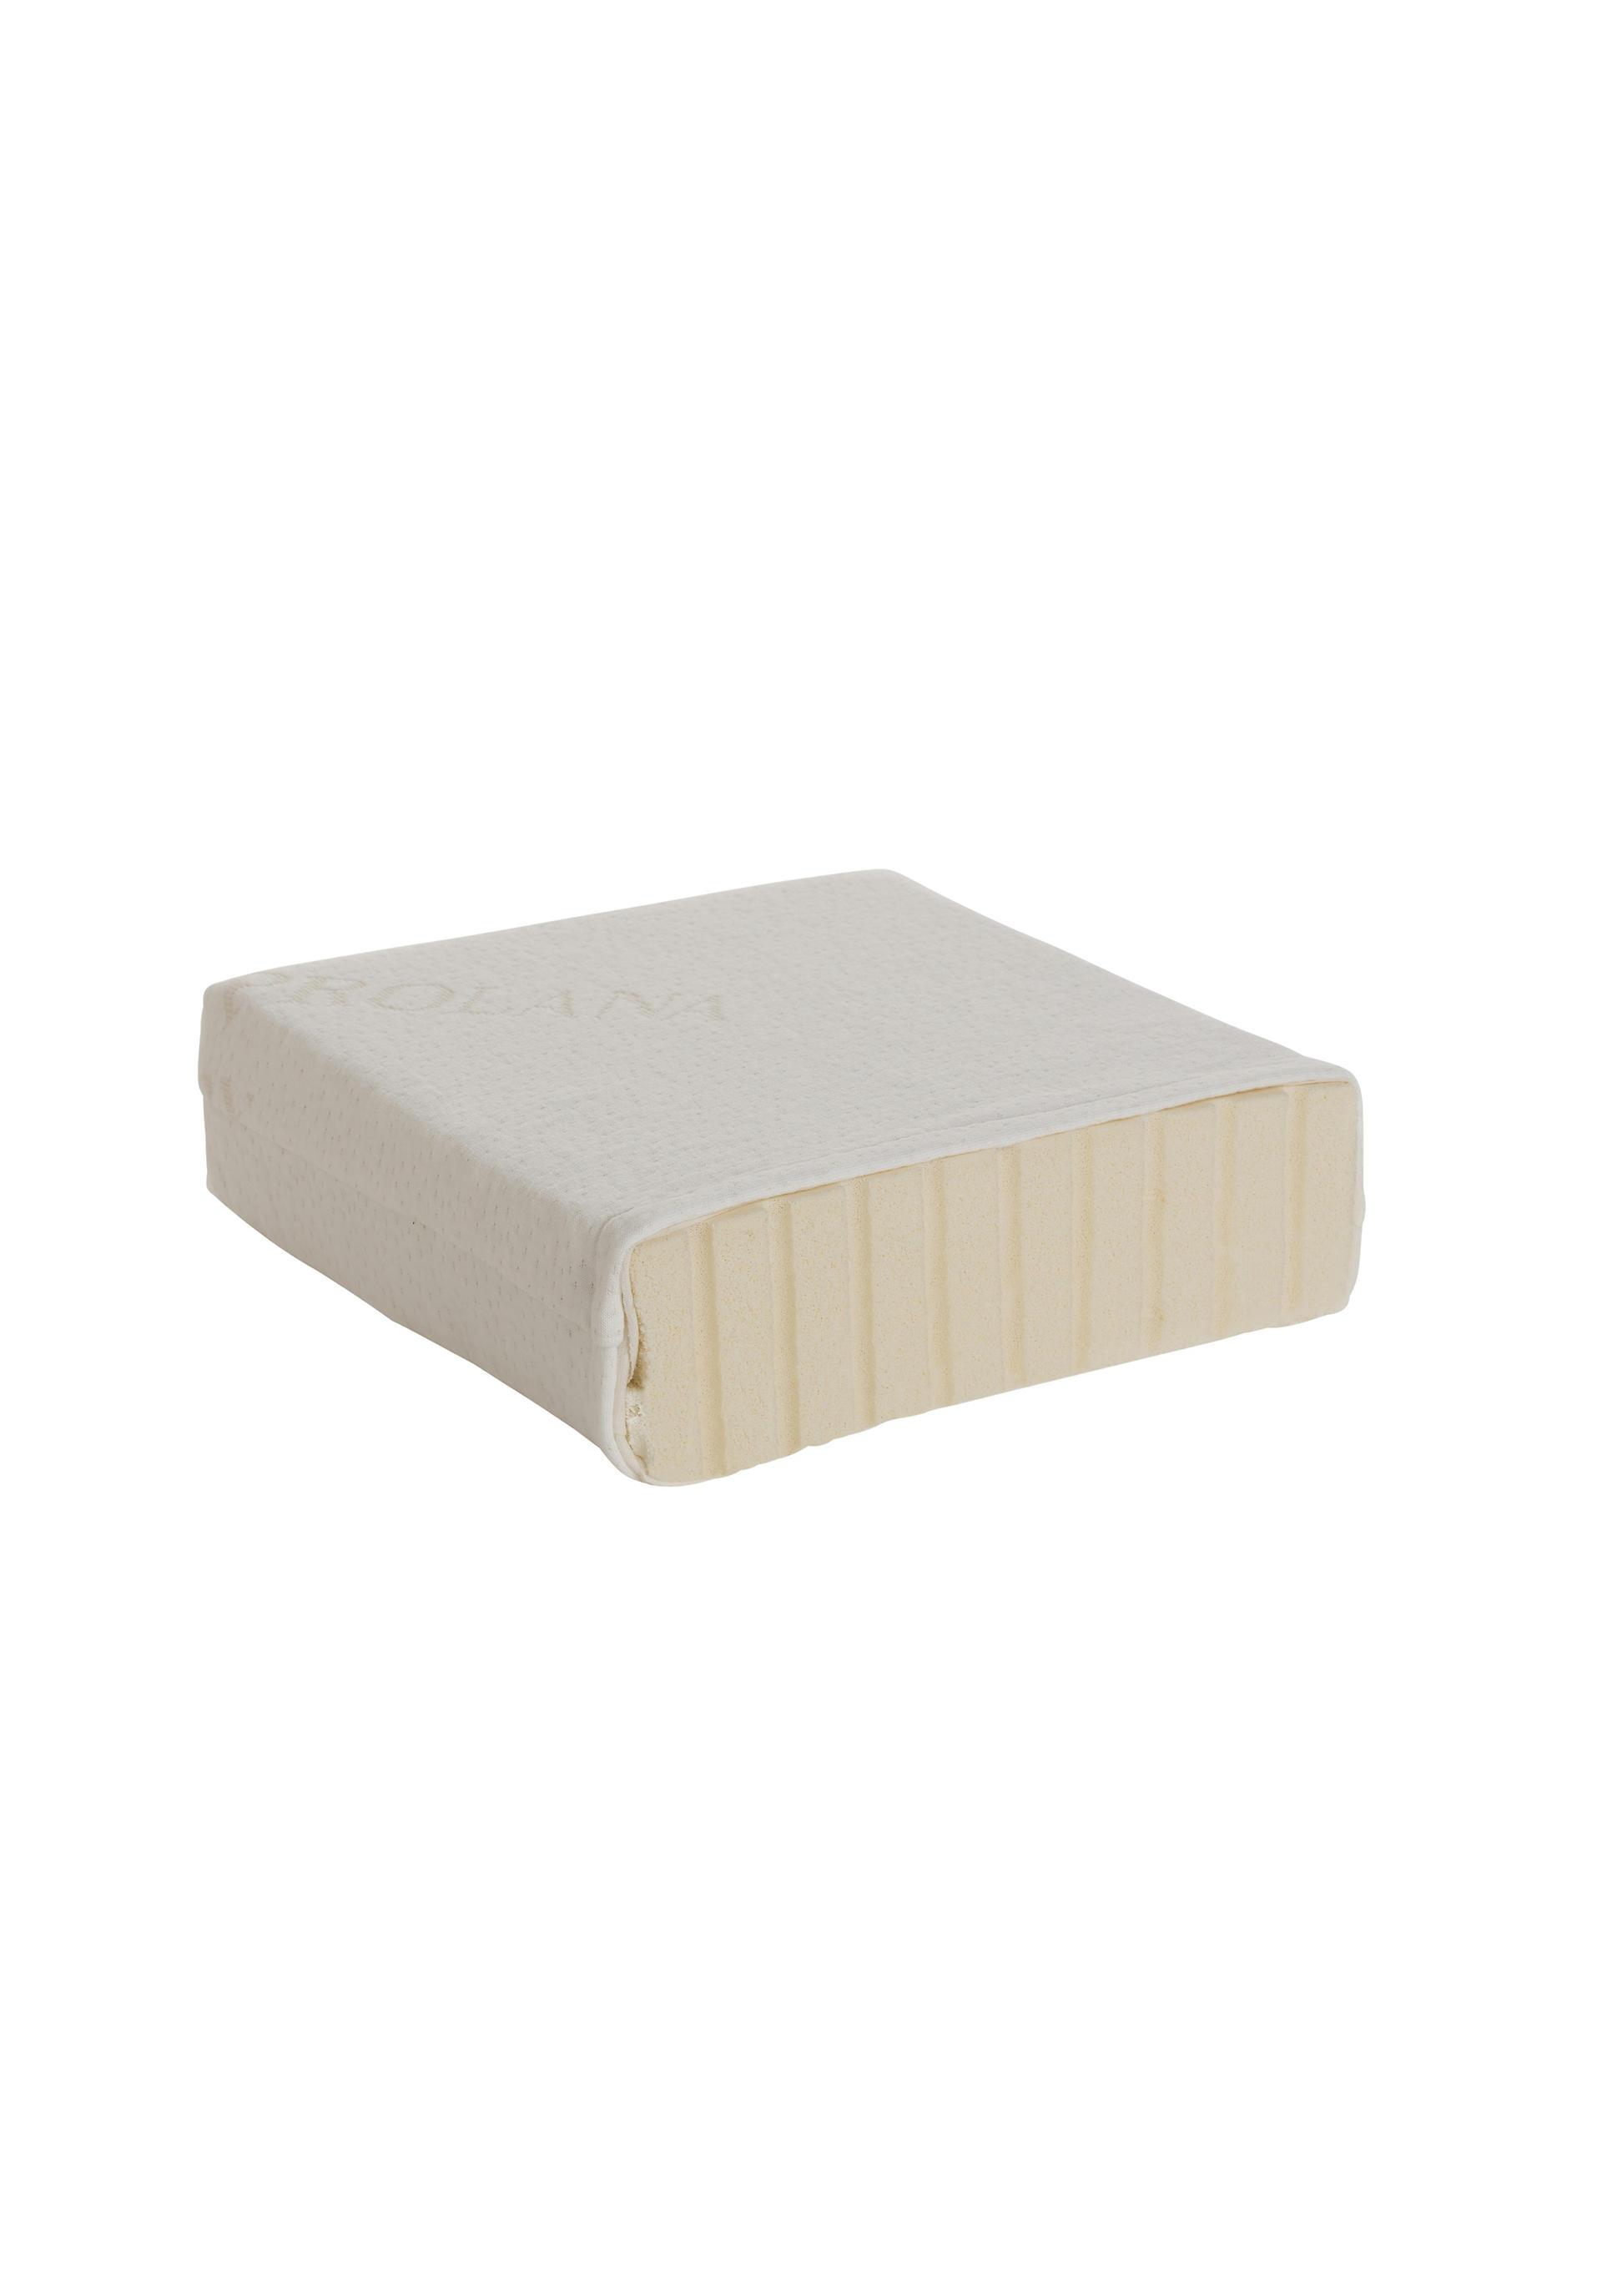 matratzentopper standard mittelfest hessnatur deutschland. Black Bedroom Furniture Sets. Home Design Ideas